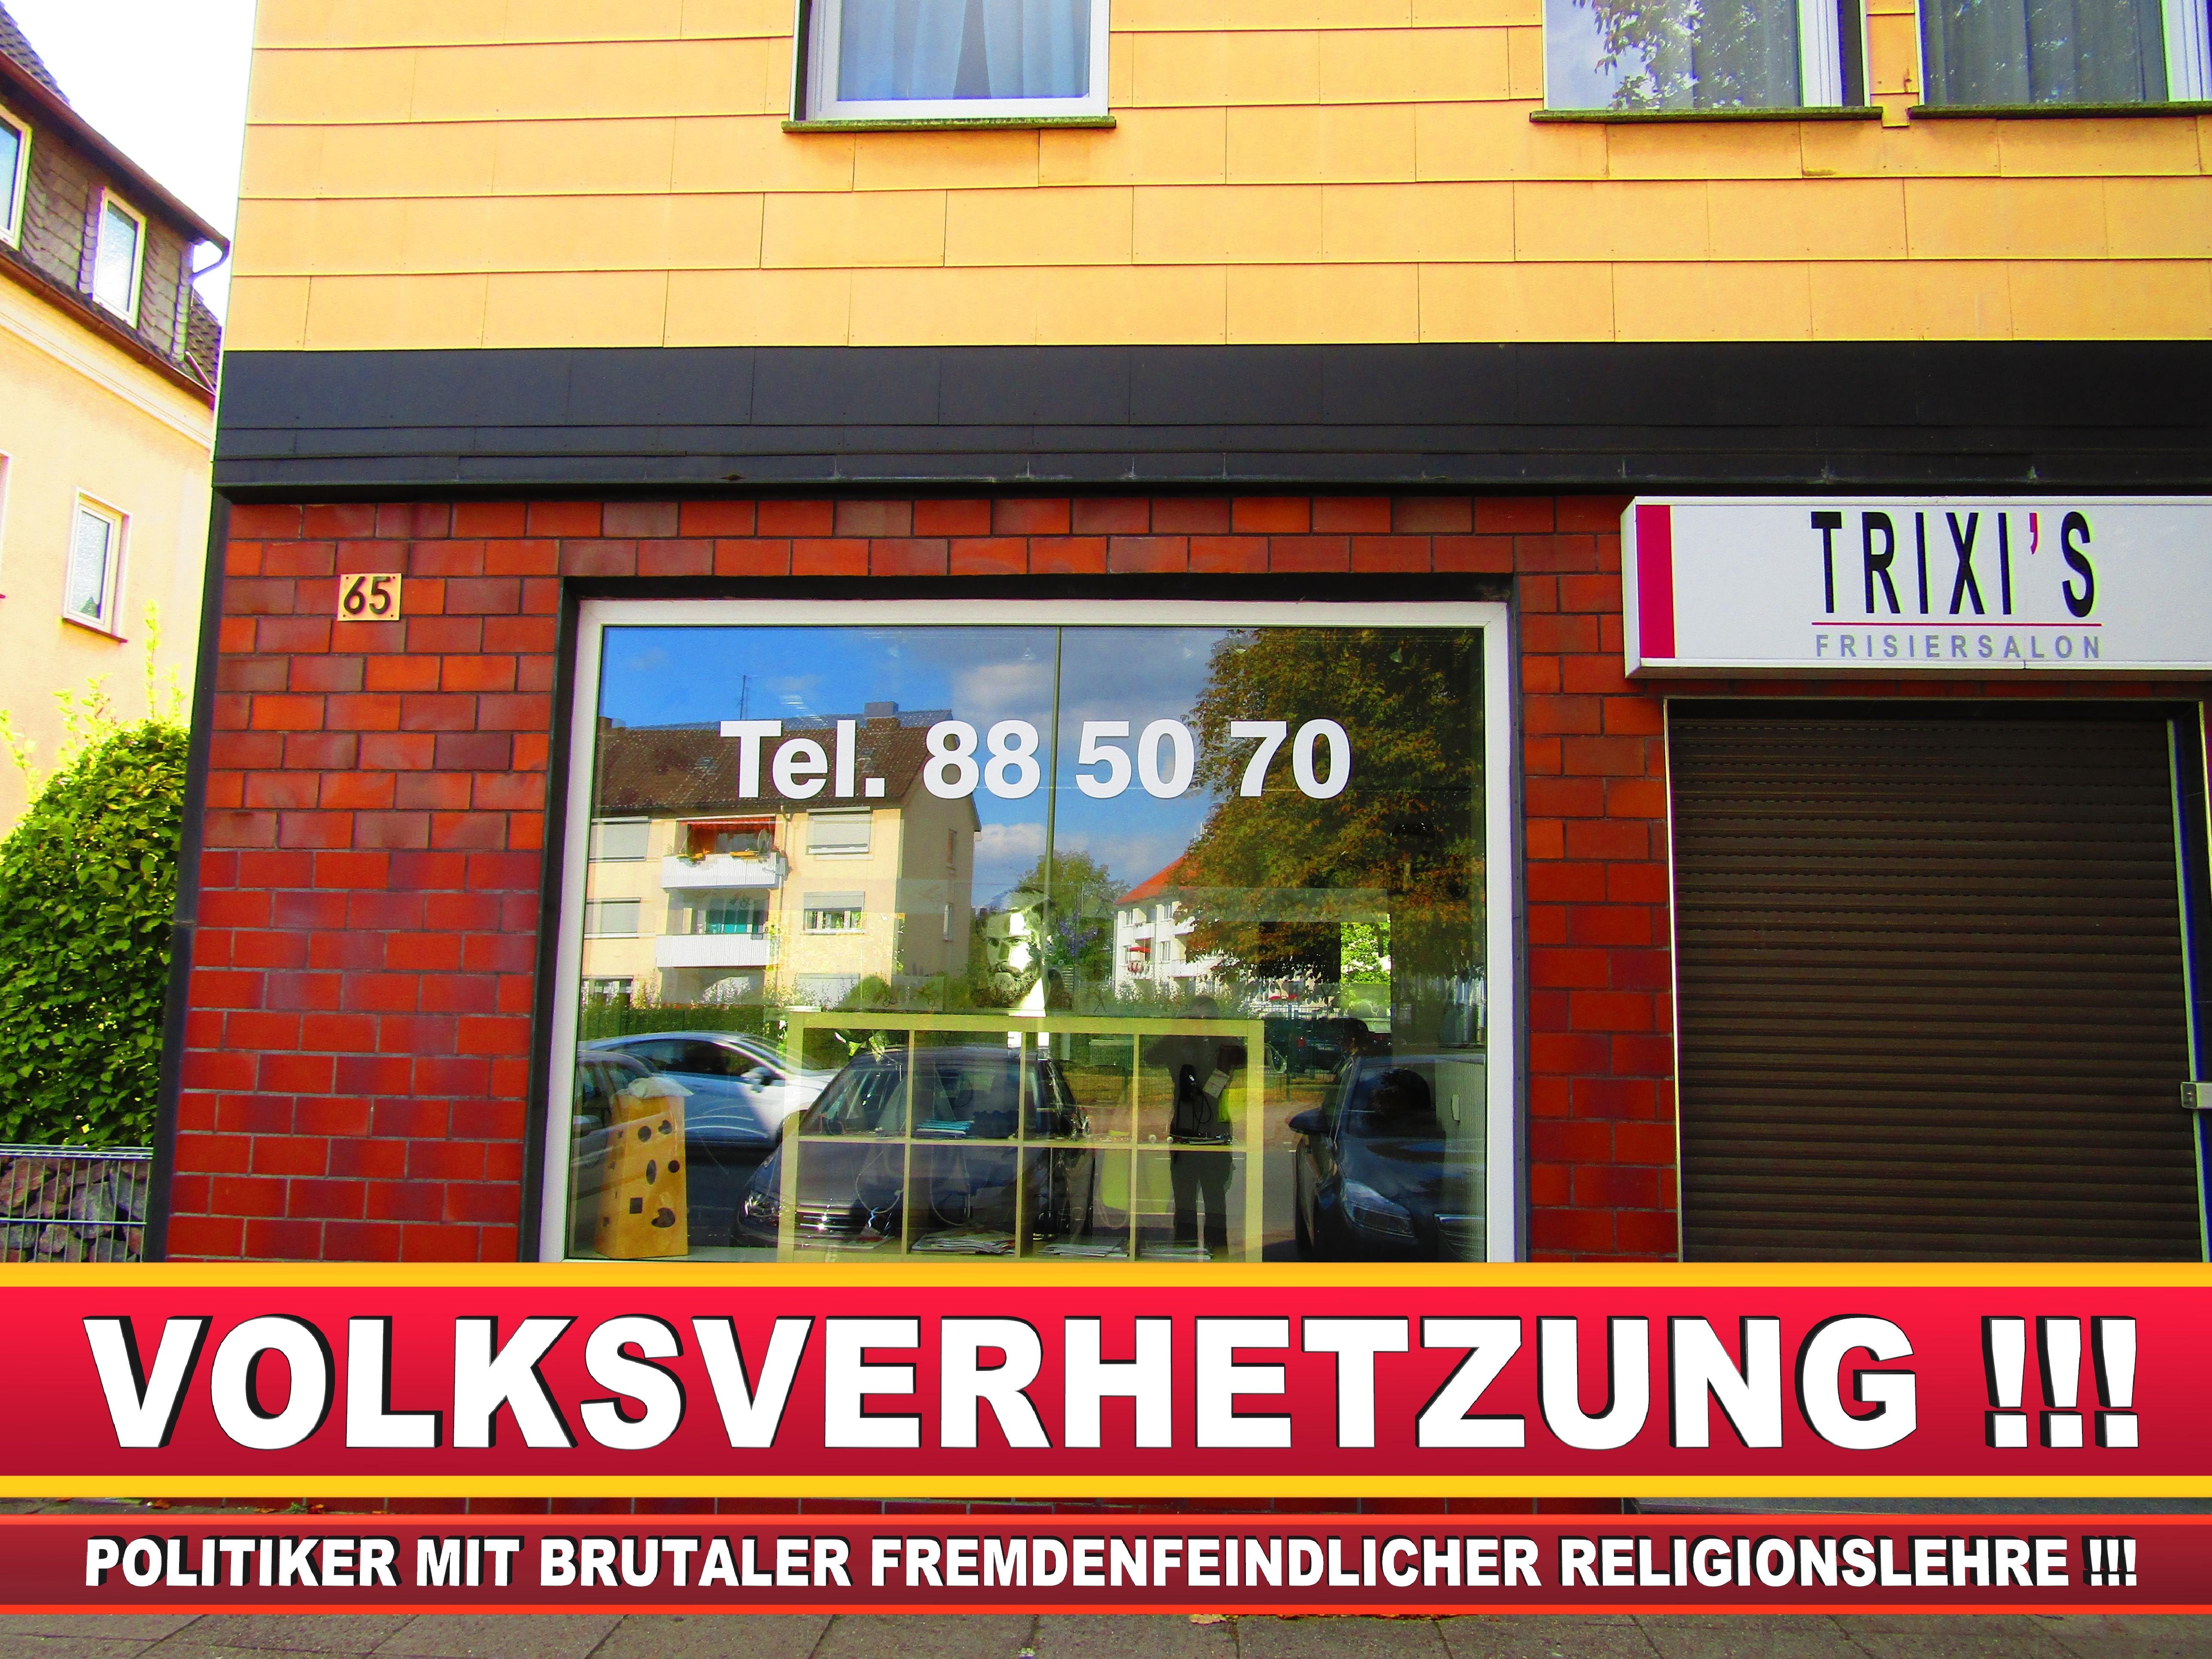 PATRICIA WEHMEYER TRIXI CDU BIELEFELD HAIRSALON FRISEUR (9) LANDTAGSWAHL BUNDESTAGSWAHL BÜRGERMEISTERWAHL